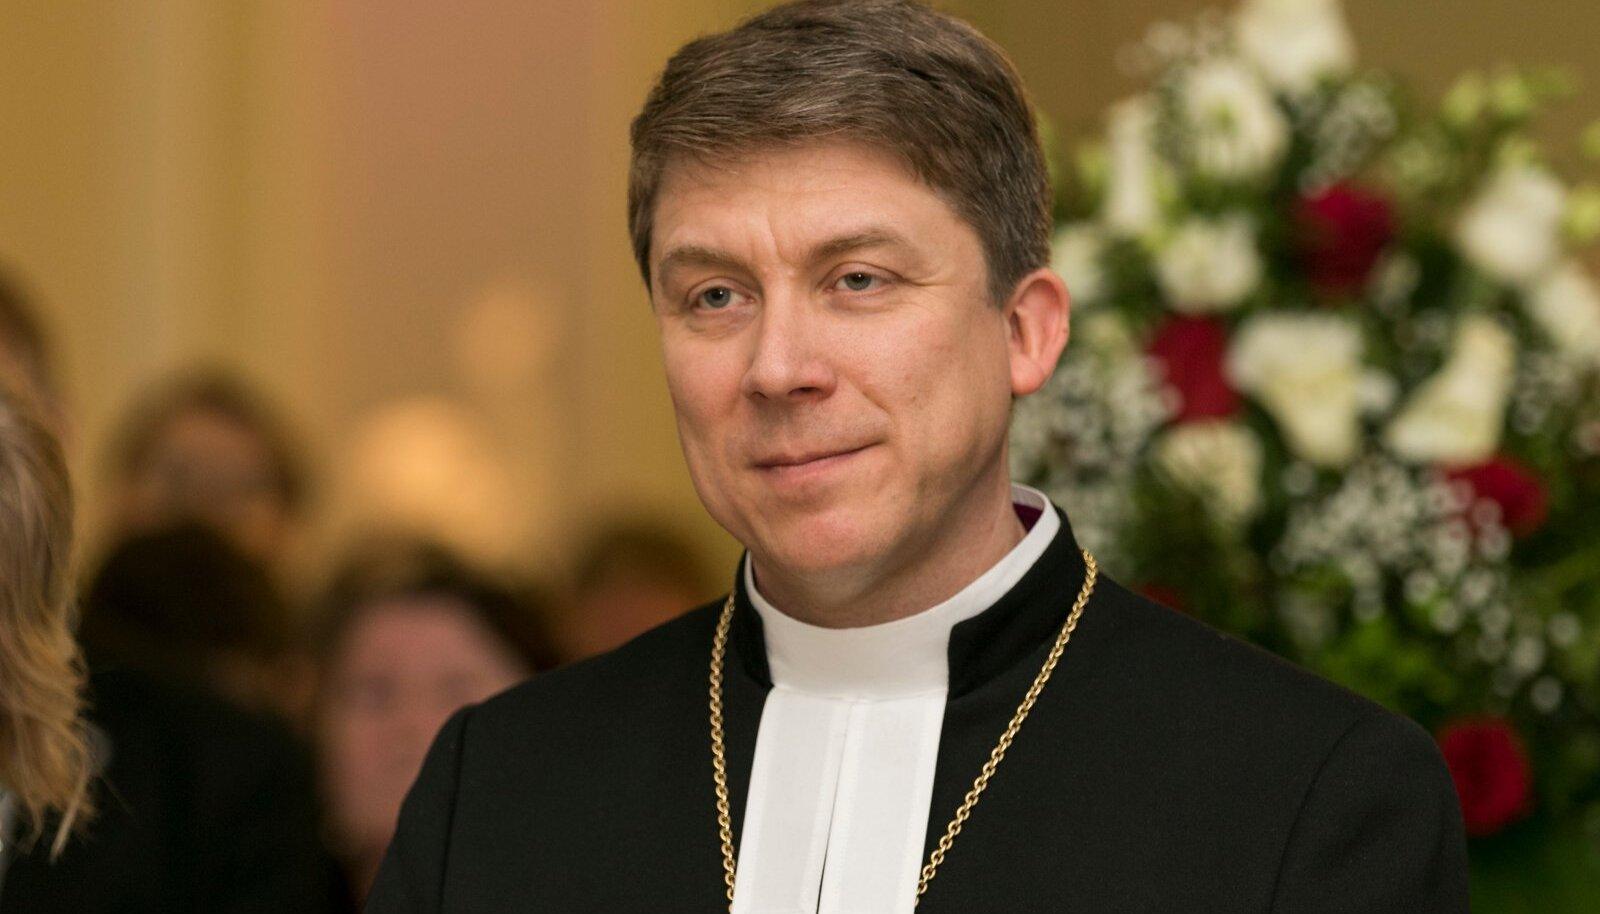 Põhiseaduse järgi Eestis riigikirikut ei ole, aga EELK peapiiskopi Urmas Viilma tõhusa tegevuse tulemusel hakkas eriti eelmise valitsuse ajal tunduma, et on küll.